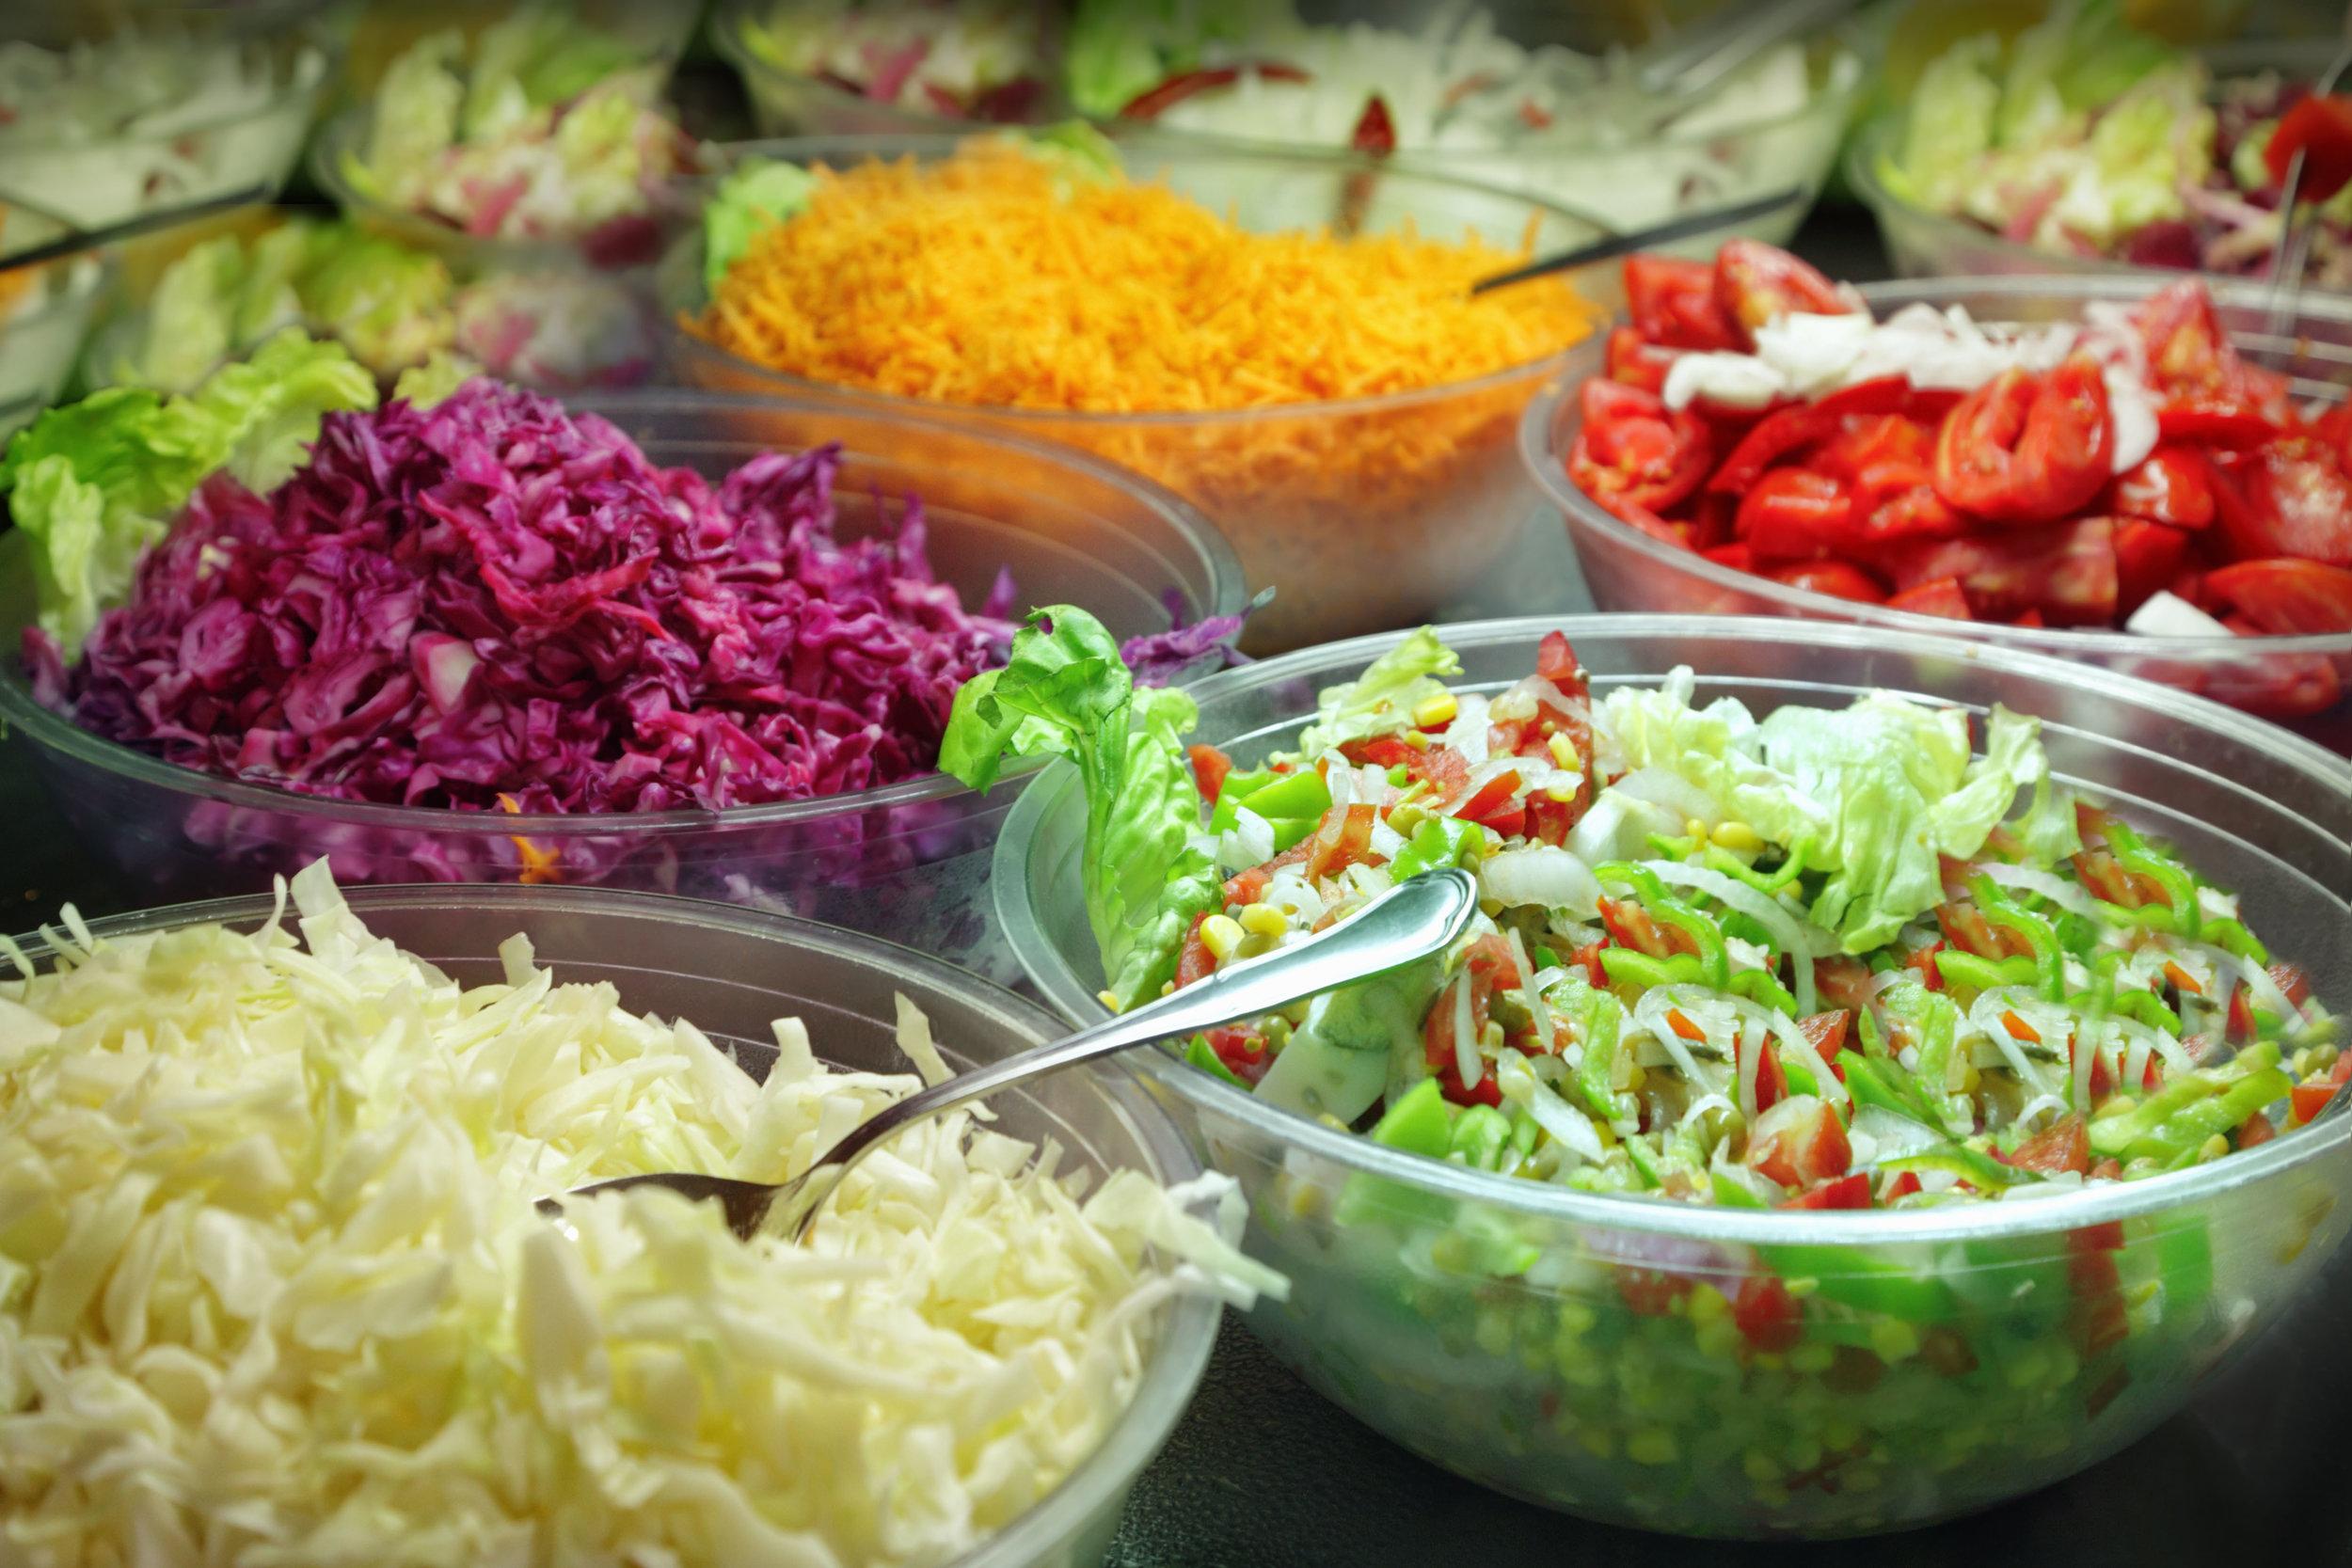 Lite matnyttig fakta:Att servera #friskmat lönar sig. Både för individen och för samhället. -